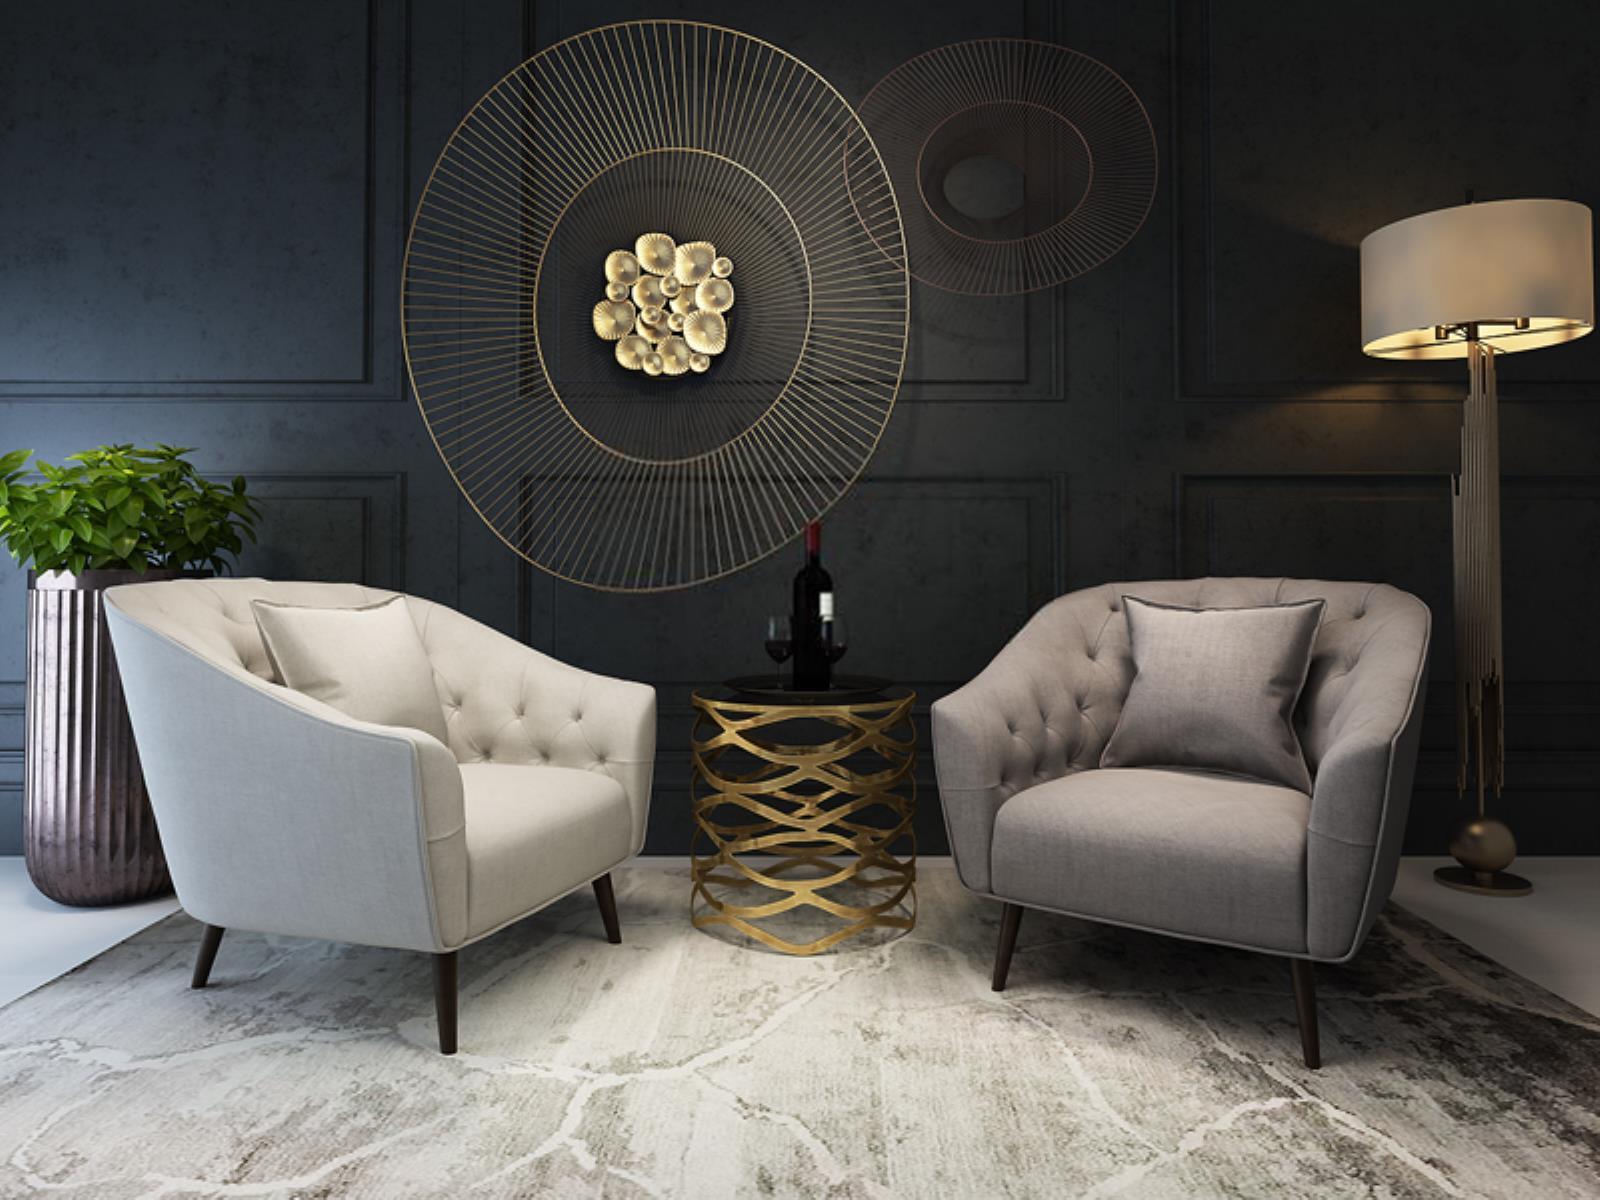 创意客厅家具休闲沙发椅